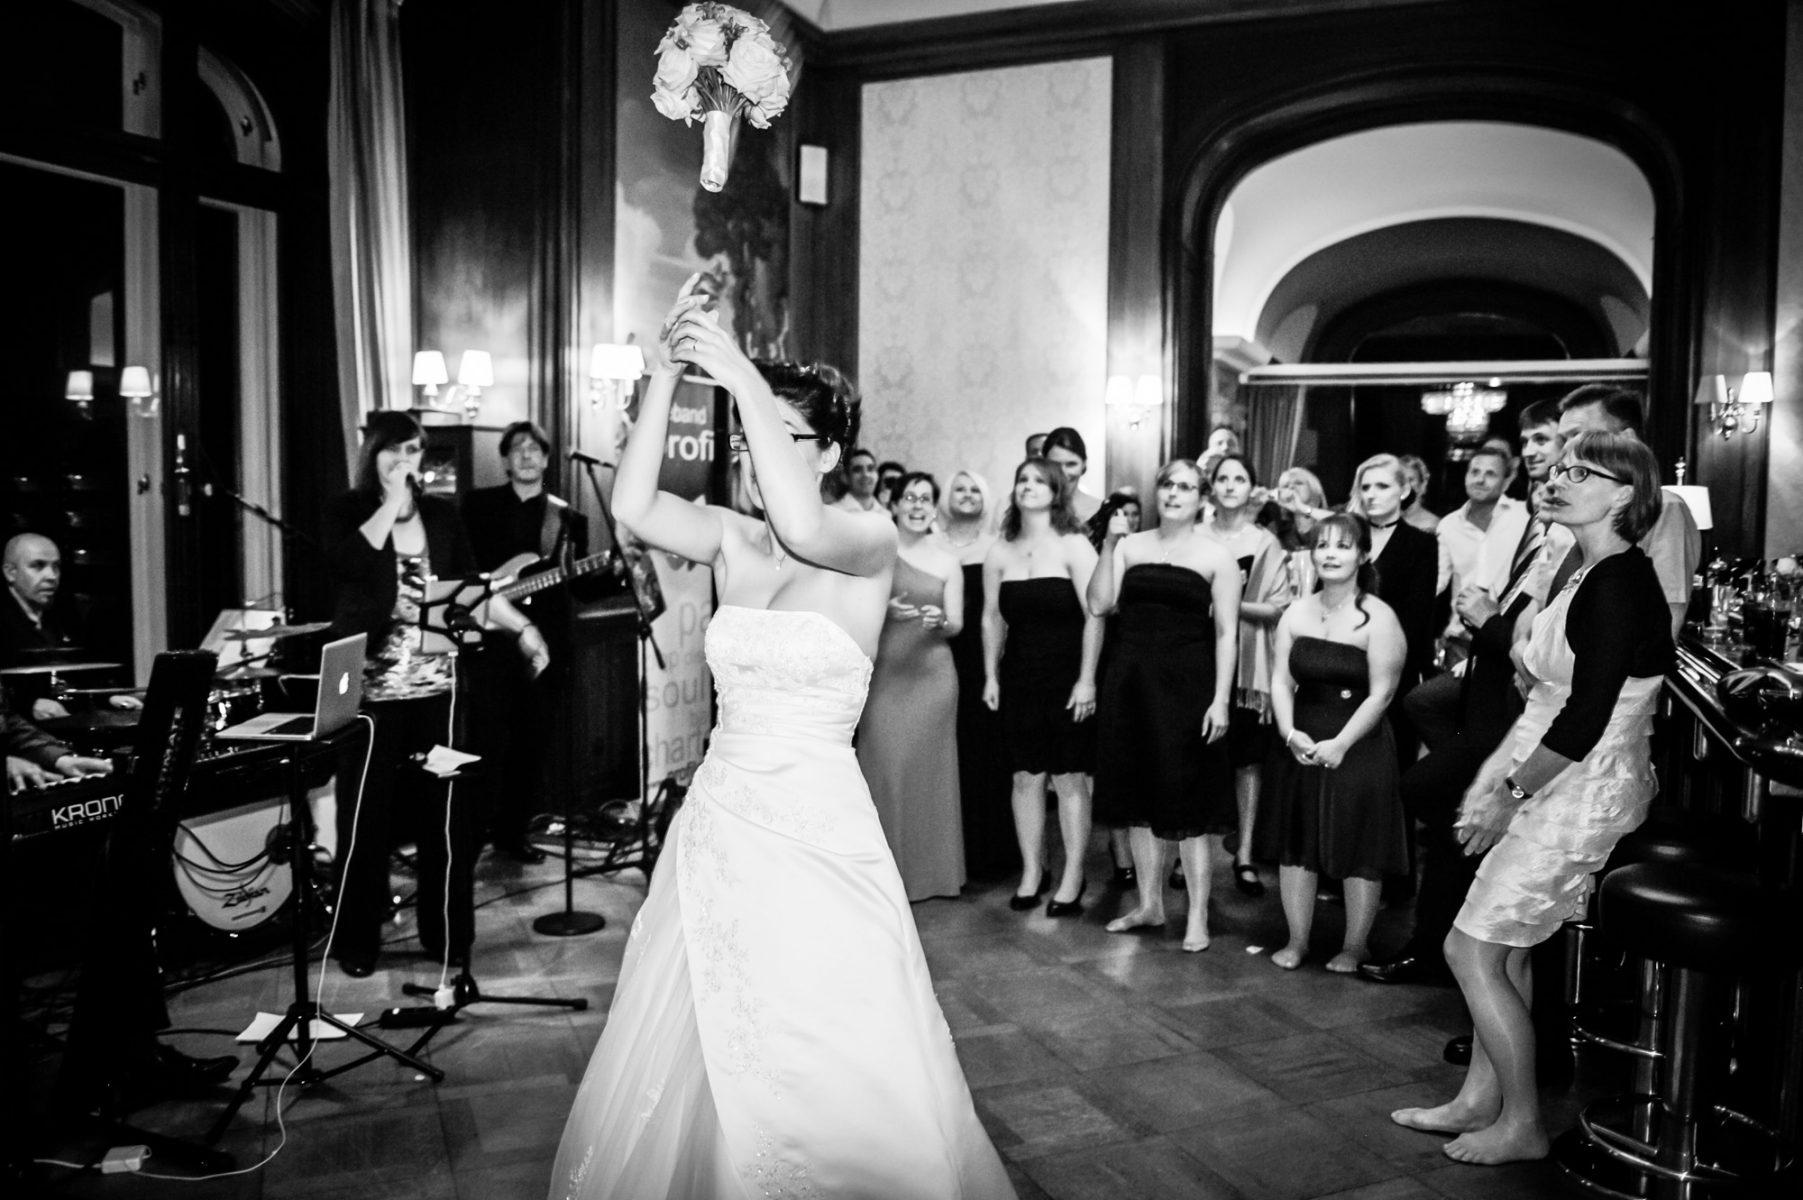 Hochzeit Feier  B2000 229372 1803x1200 - FEIER